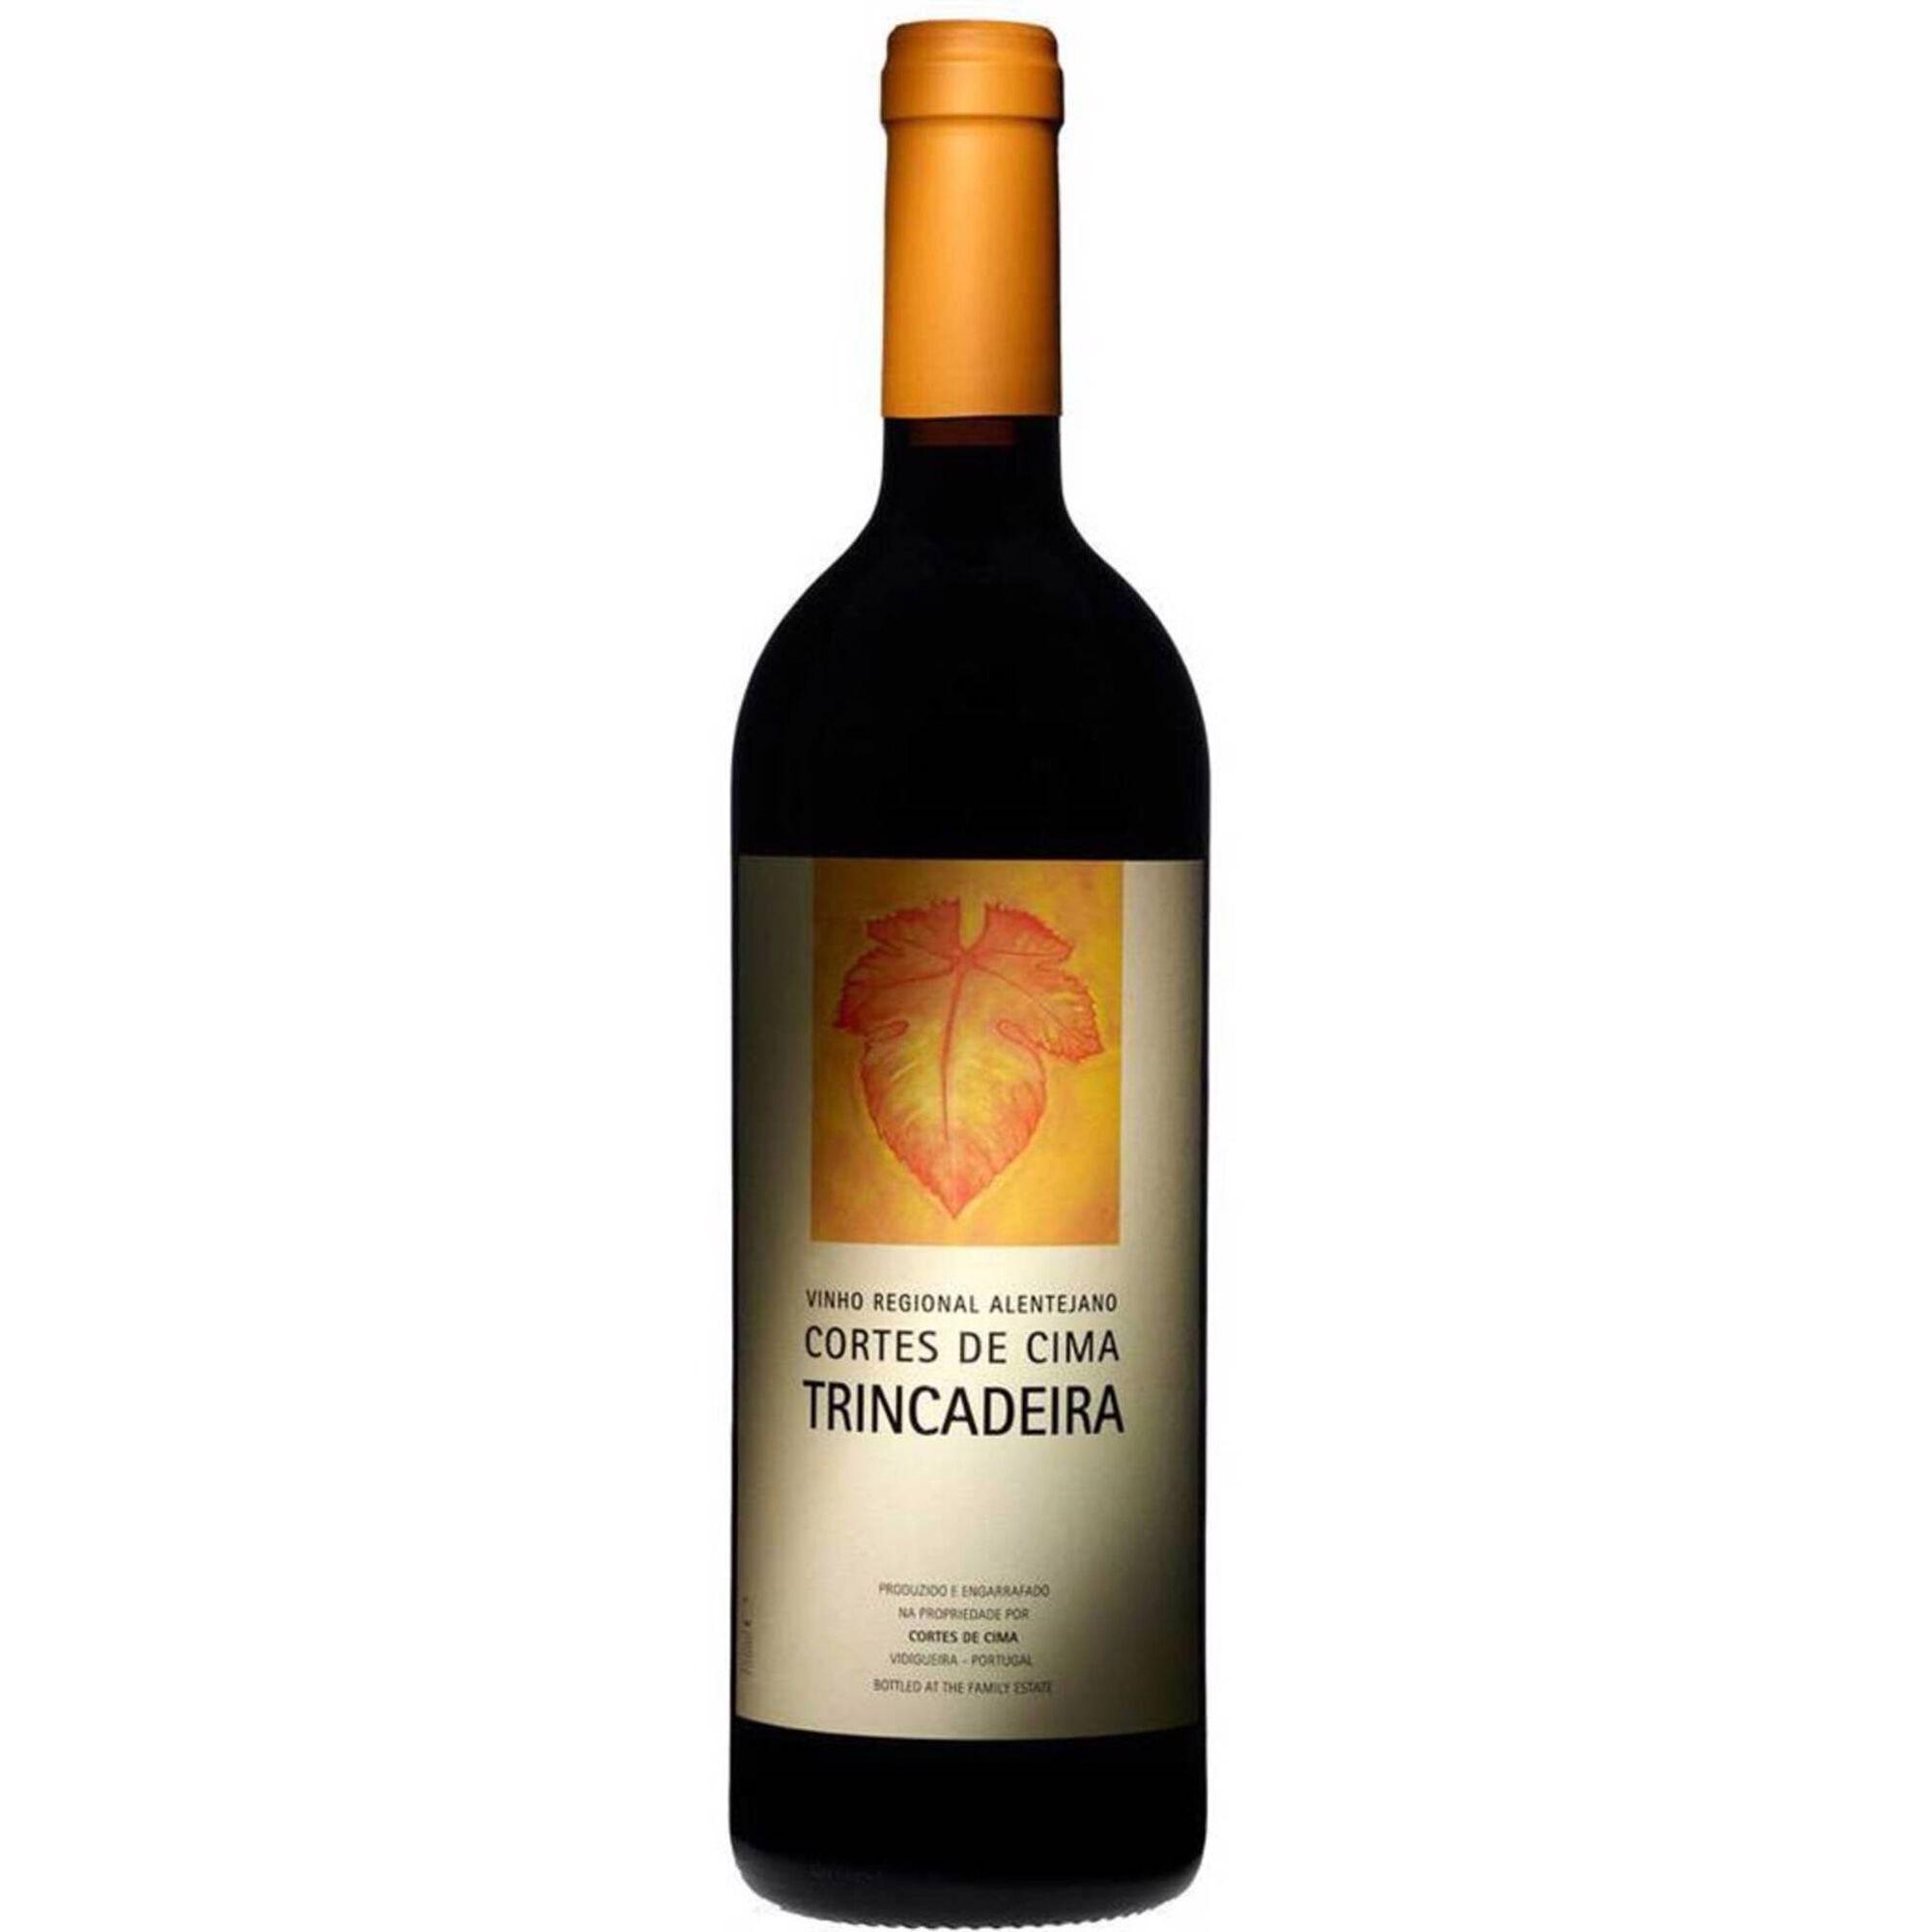 Cortes de Cima Trincadeira Regional Alentejano Vinho Tinto